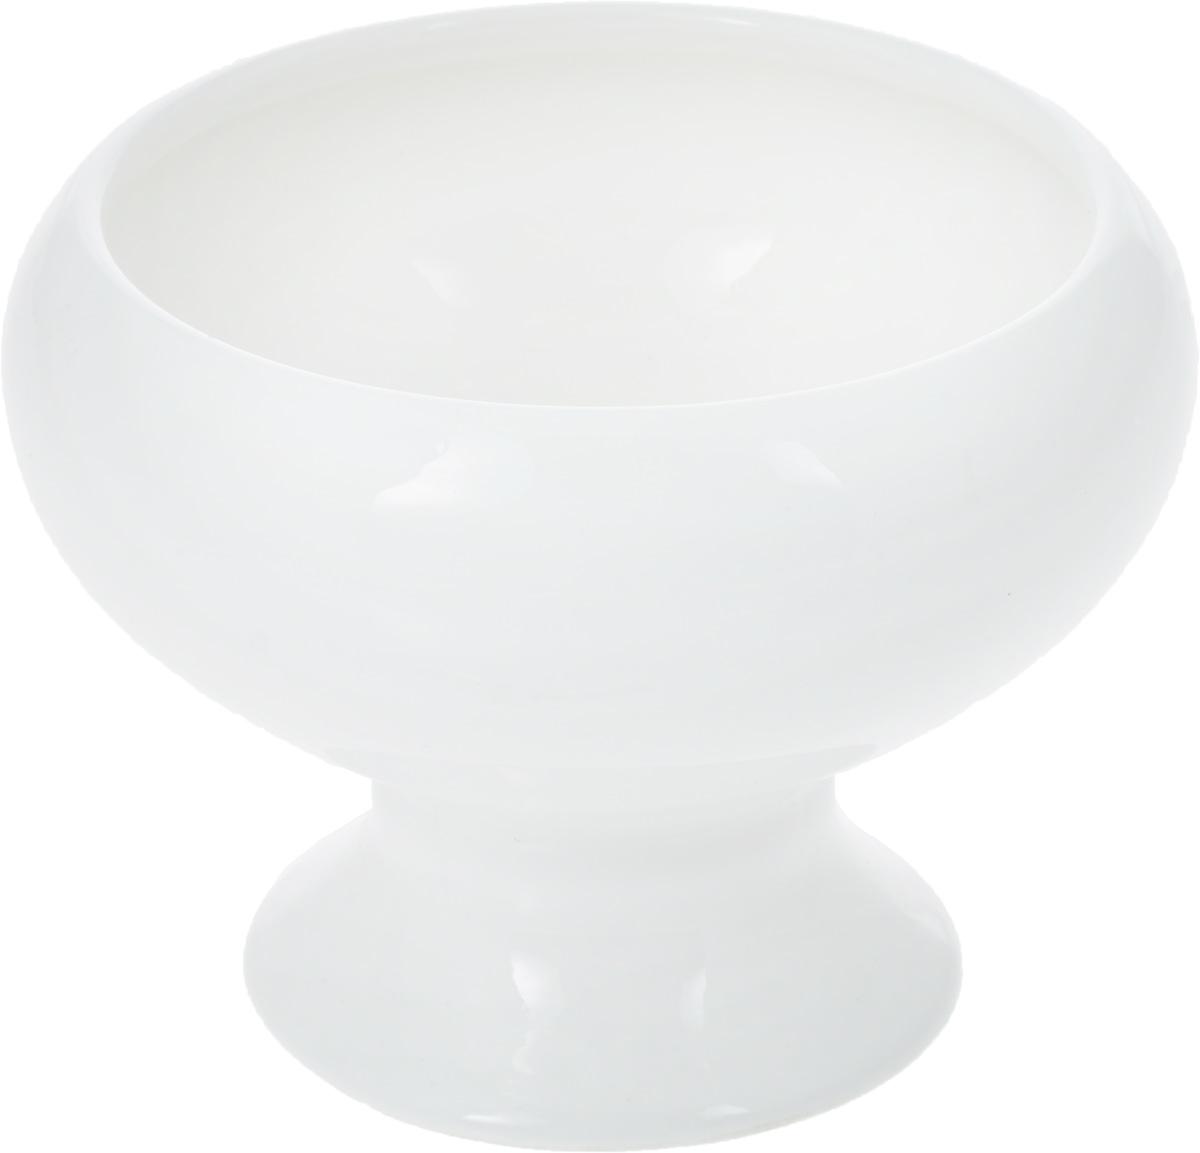 """Креманка """"Wilmax"""" изготовлена из высококачественного фарфора, покрытого  глазурью. Изделие предназначено для подачи мороженого и различных десертов,  также может использоваться для хранения варенья, меда, джемов. Такая  креманка пригодится в любом хозяйстве, она подойдет как для праздничного  стола, так и для повседневного использования. Изделие функциональное,  практичное и легкое в уходе.  Диаметр креманки (по верхнему краю): 9 см.  Внешний диаметр креманки: 11 см.  Высота креманки: 8 см."""